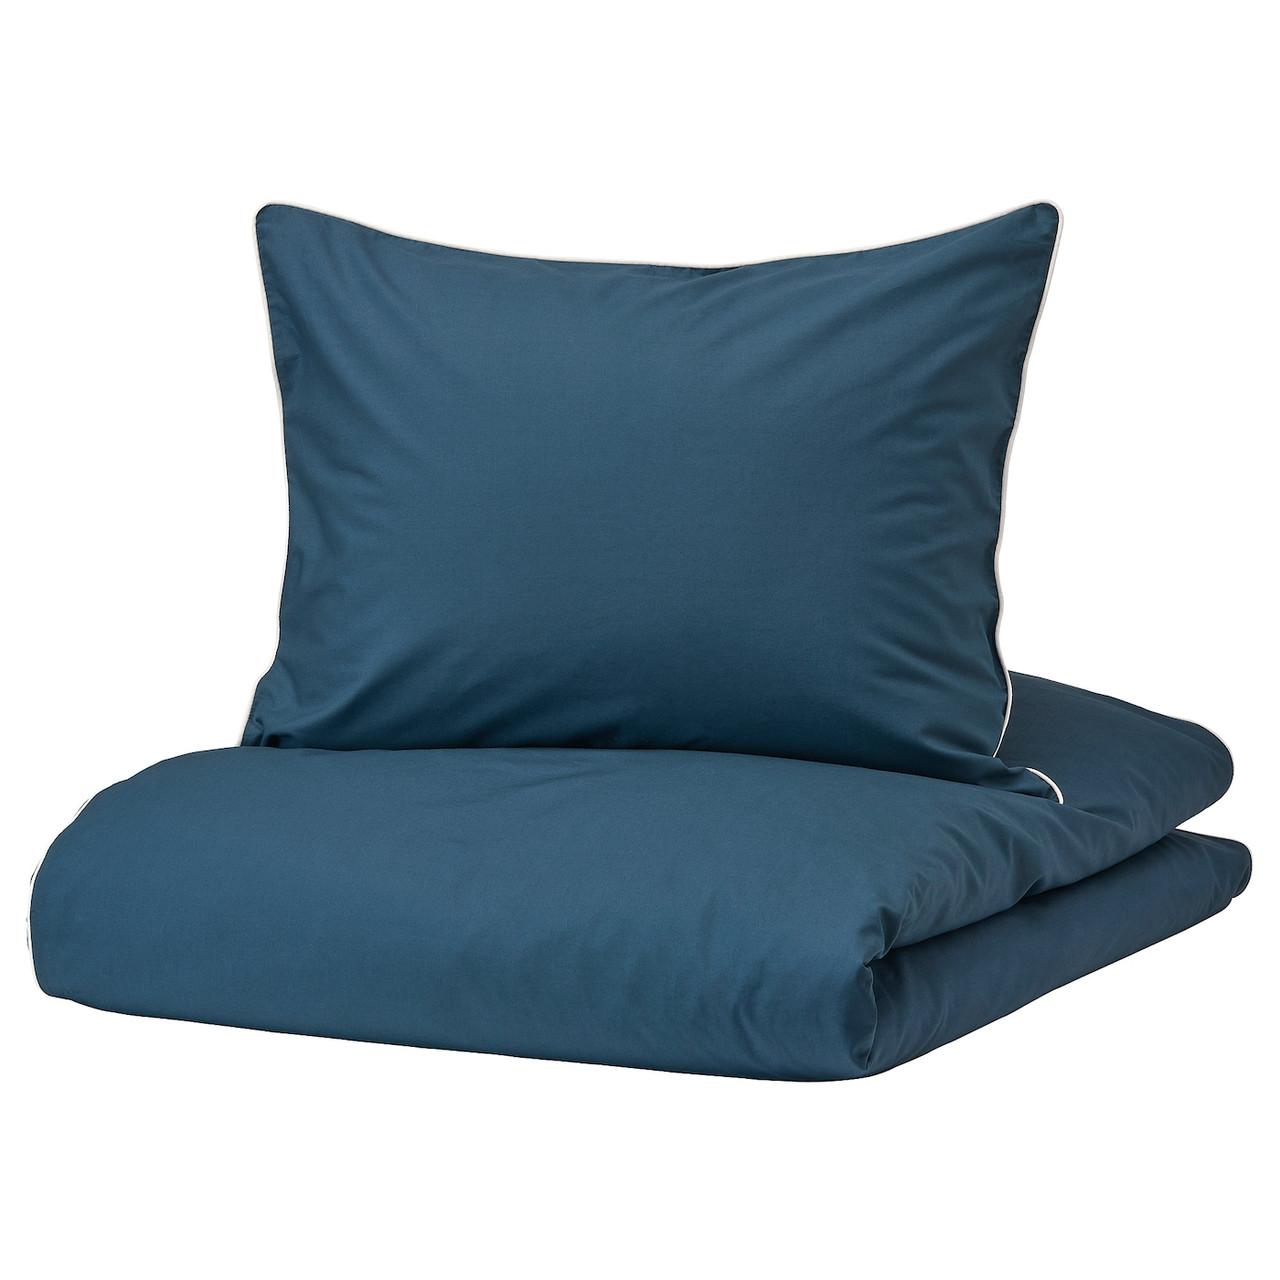 IKEA KUNGSBLOMMA Комплект постельного белья, темно-синий/белый, 200x200/50x60 см